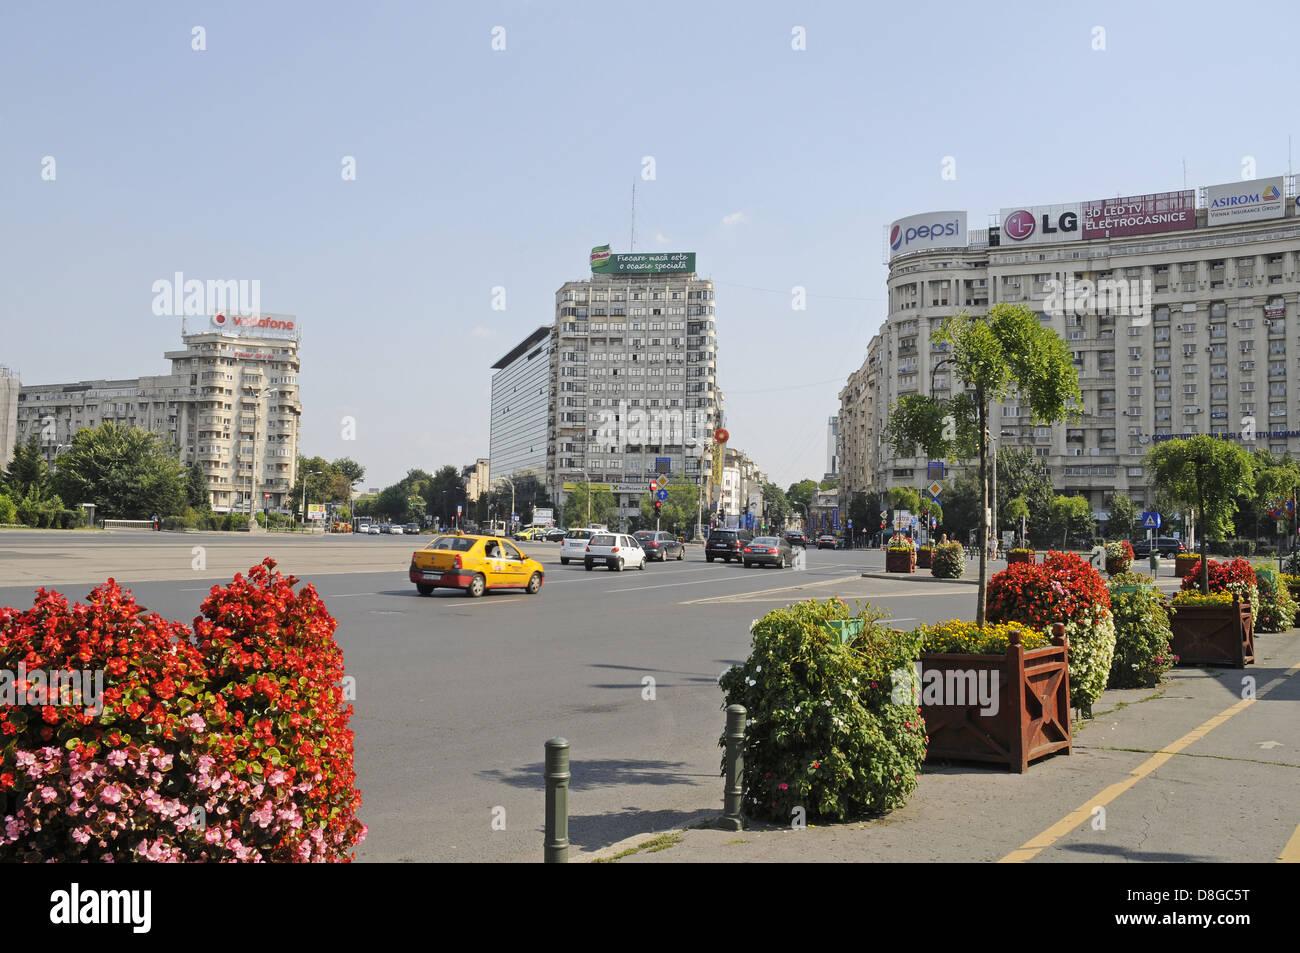 Piata Victoriei Square - Stock Image